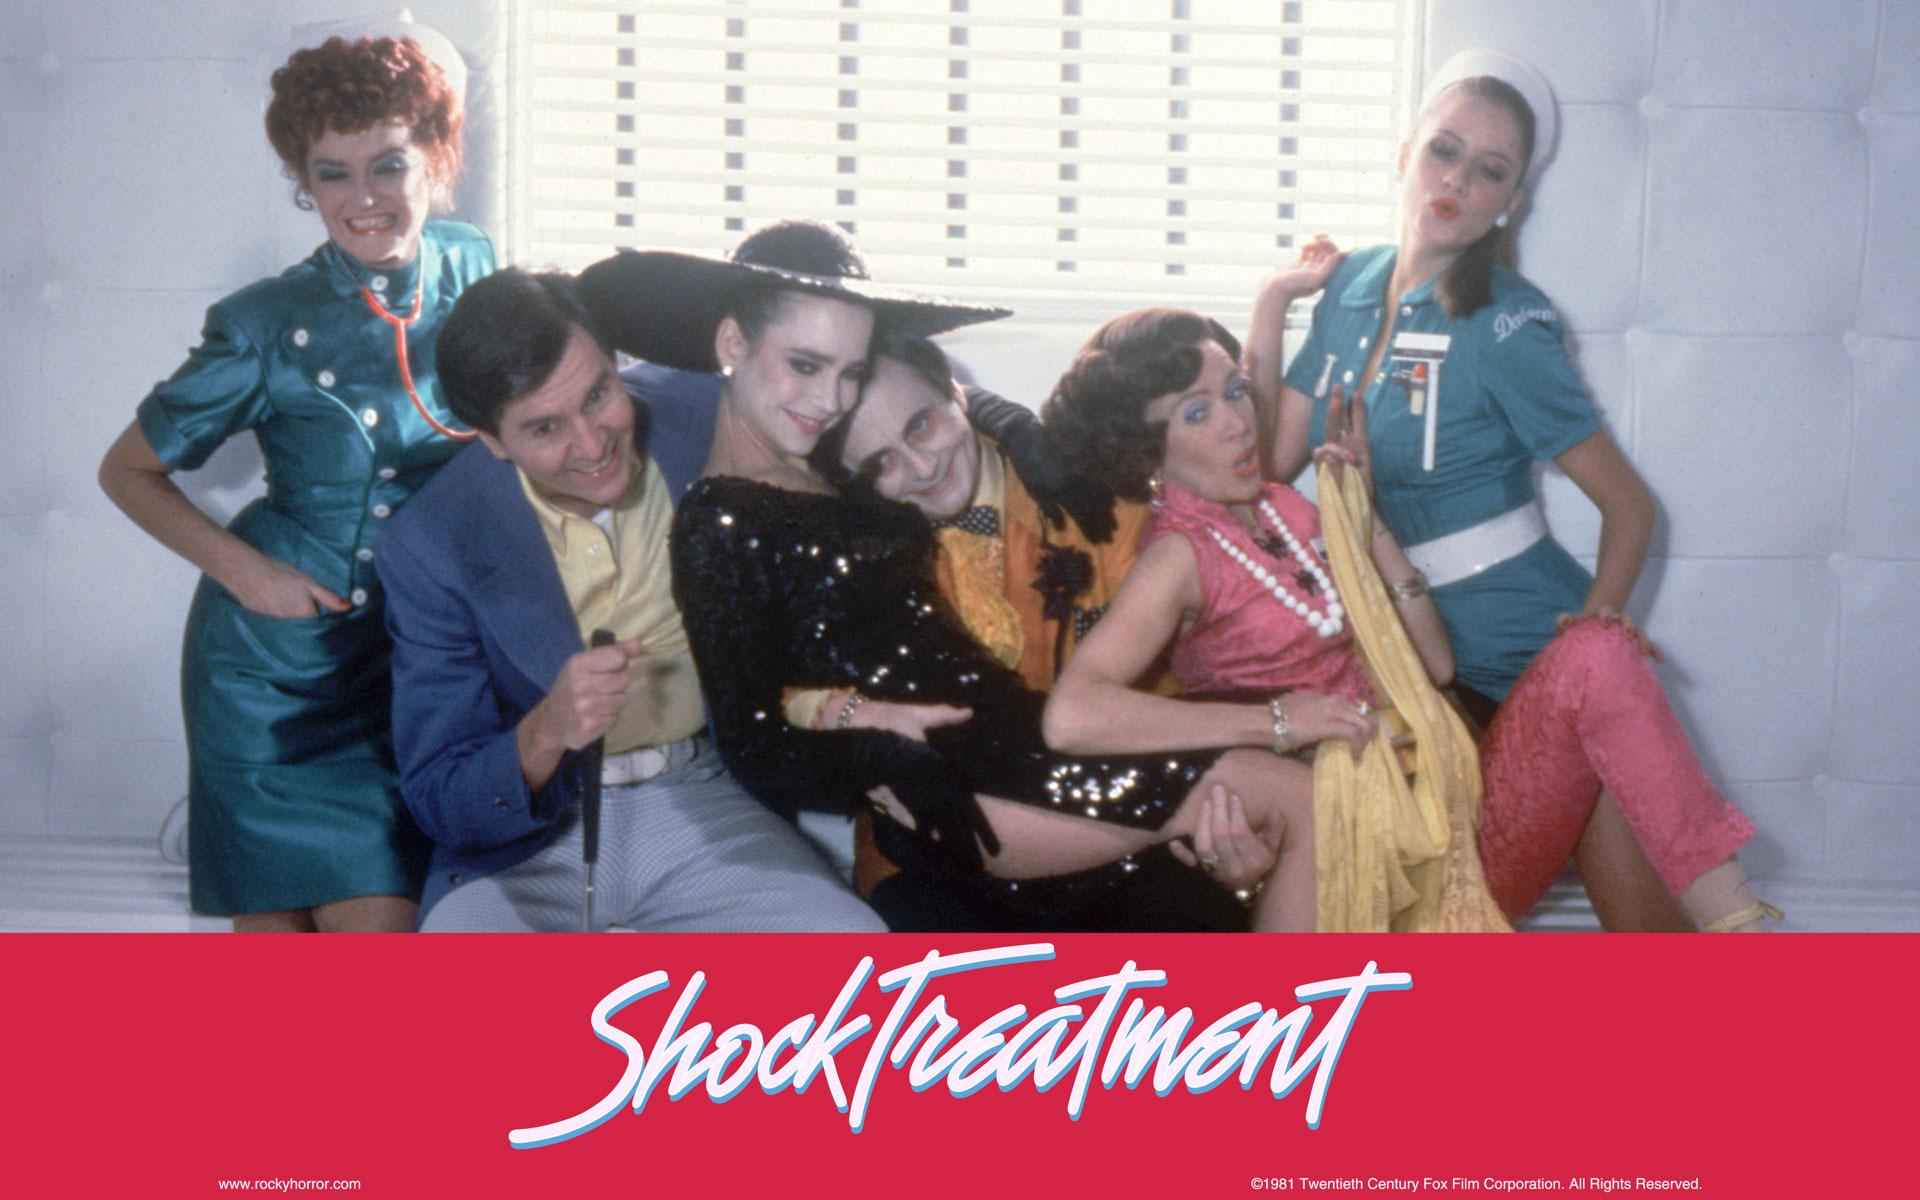 Trhps Official Fan Site Shock Treatment Downloads